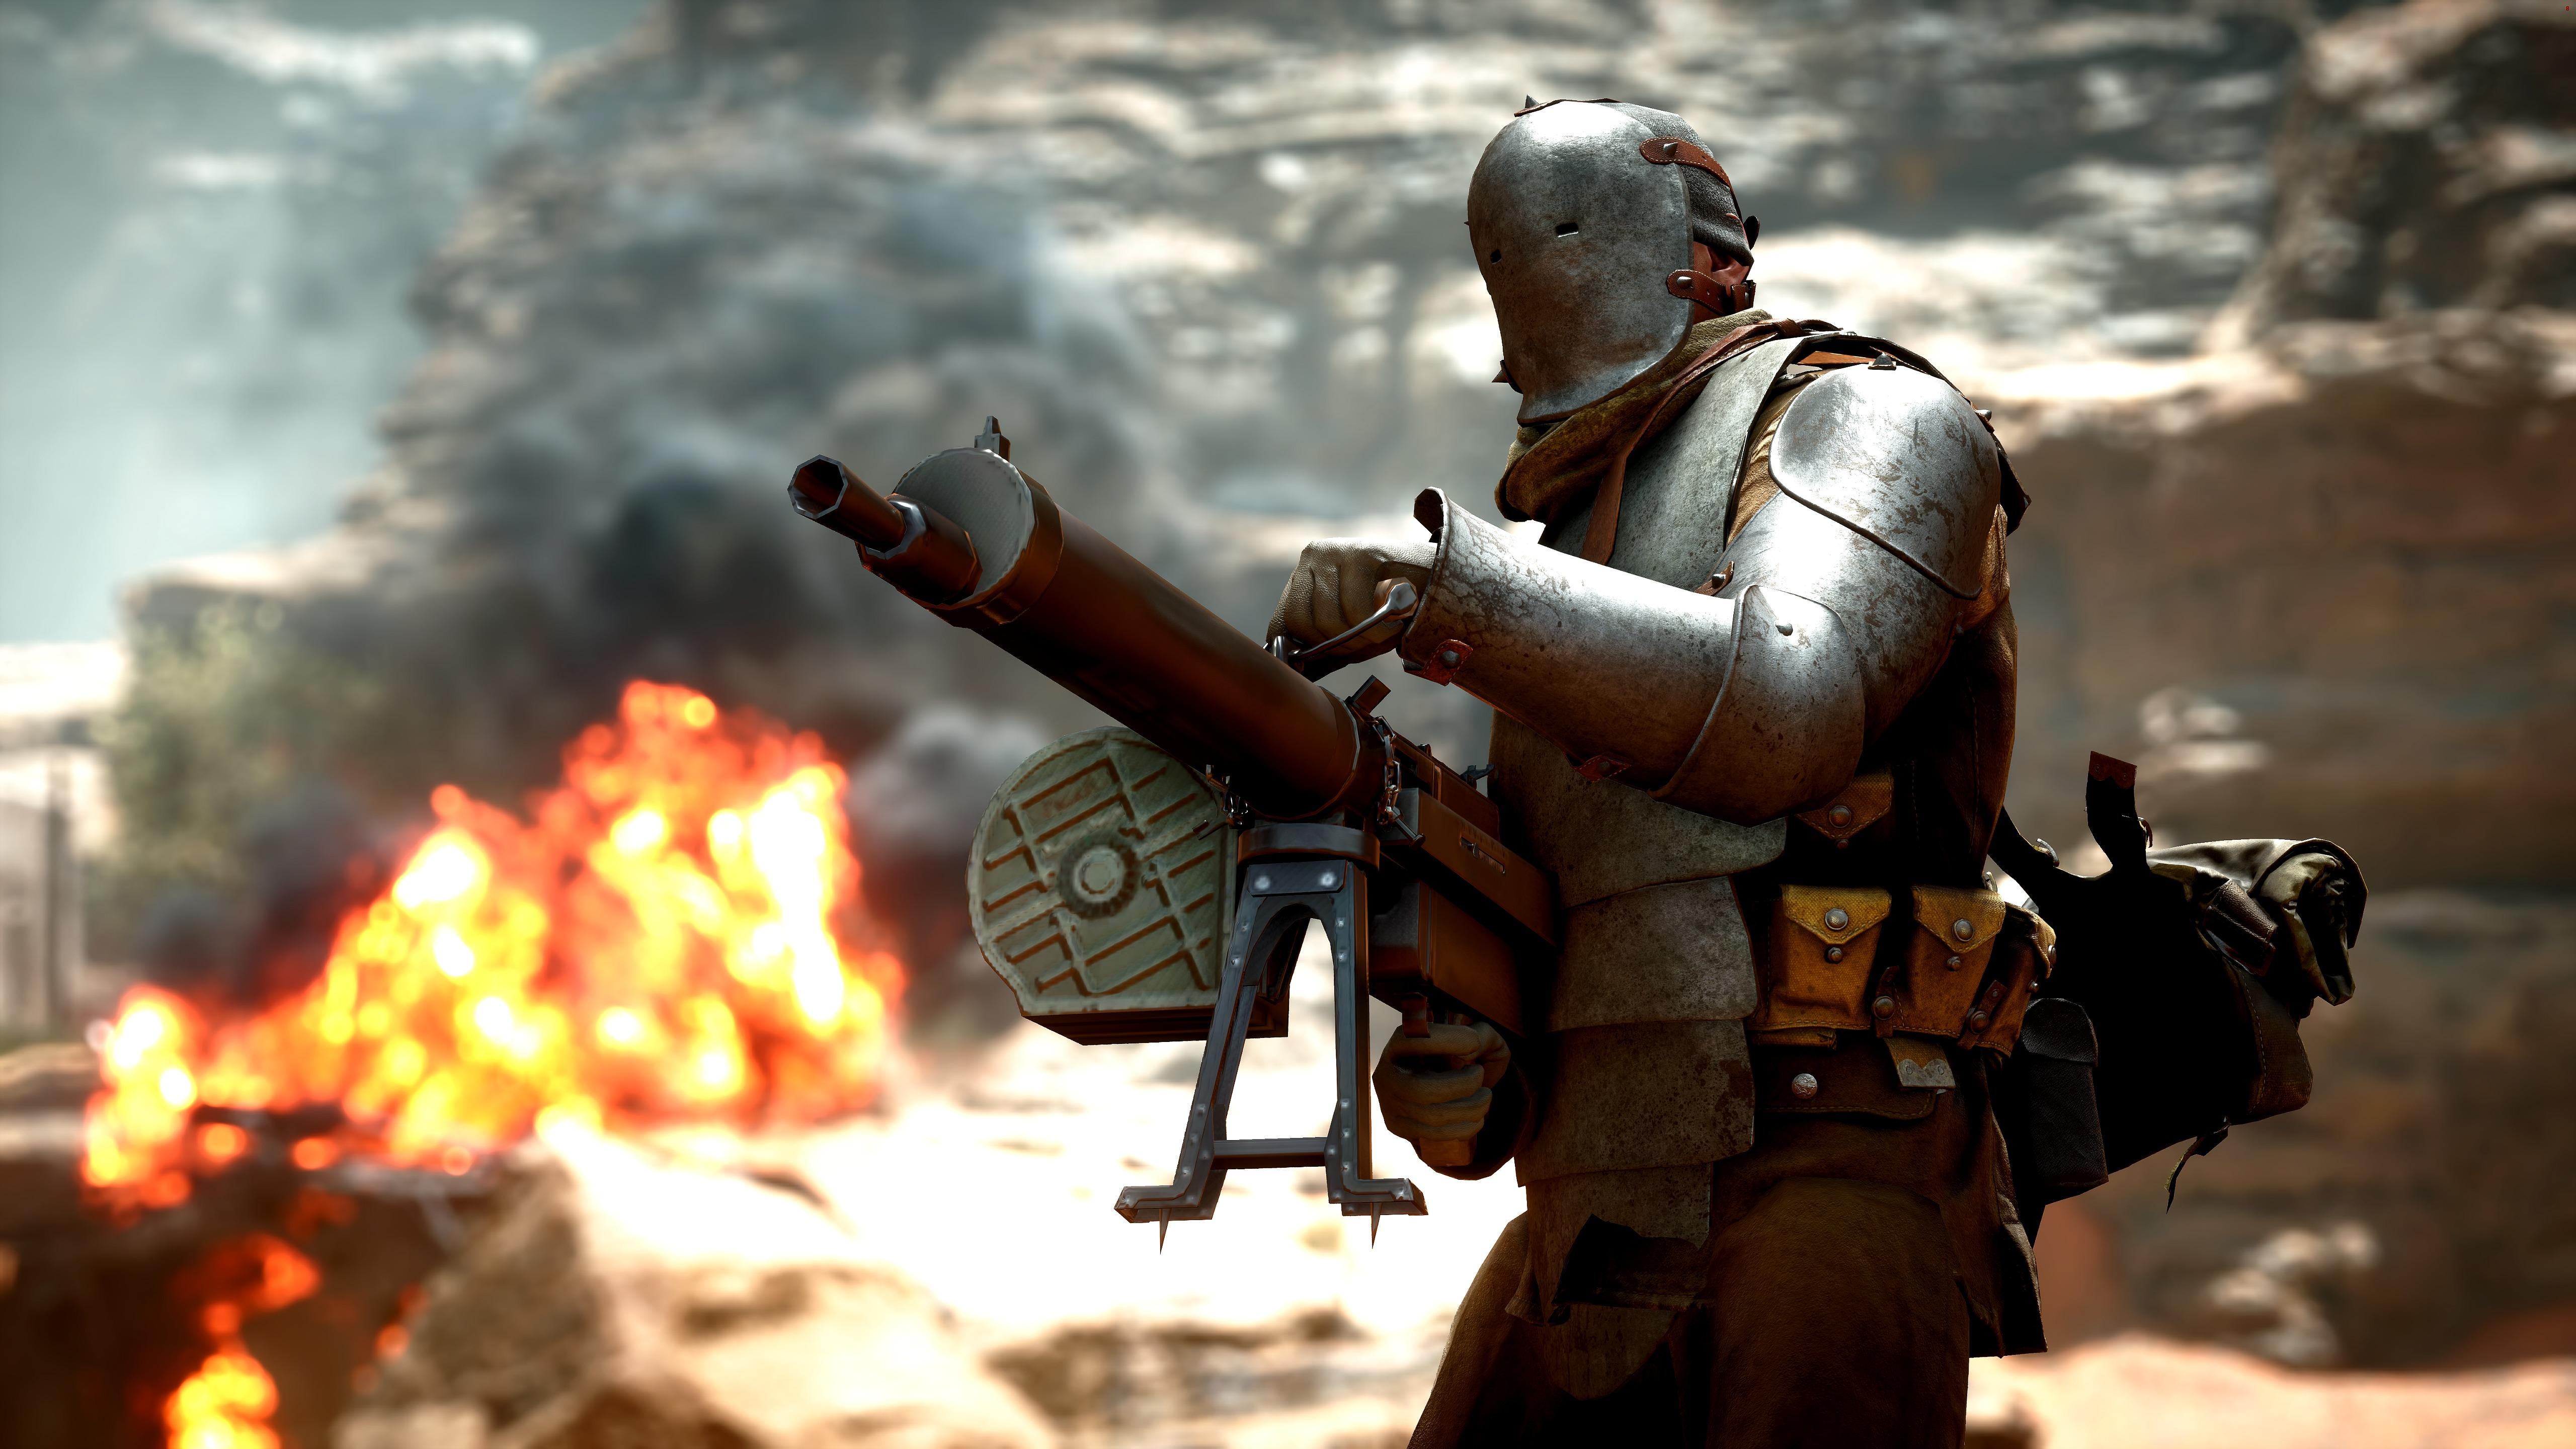 Battlefield 1 War Video Game Hd Wallpaper: Battlefield 1 5k Retina Ultra HD Wallpaper